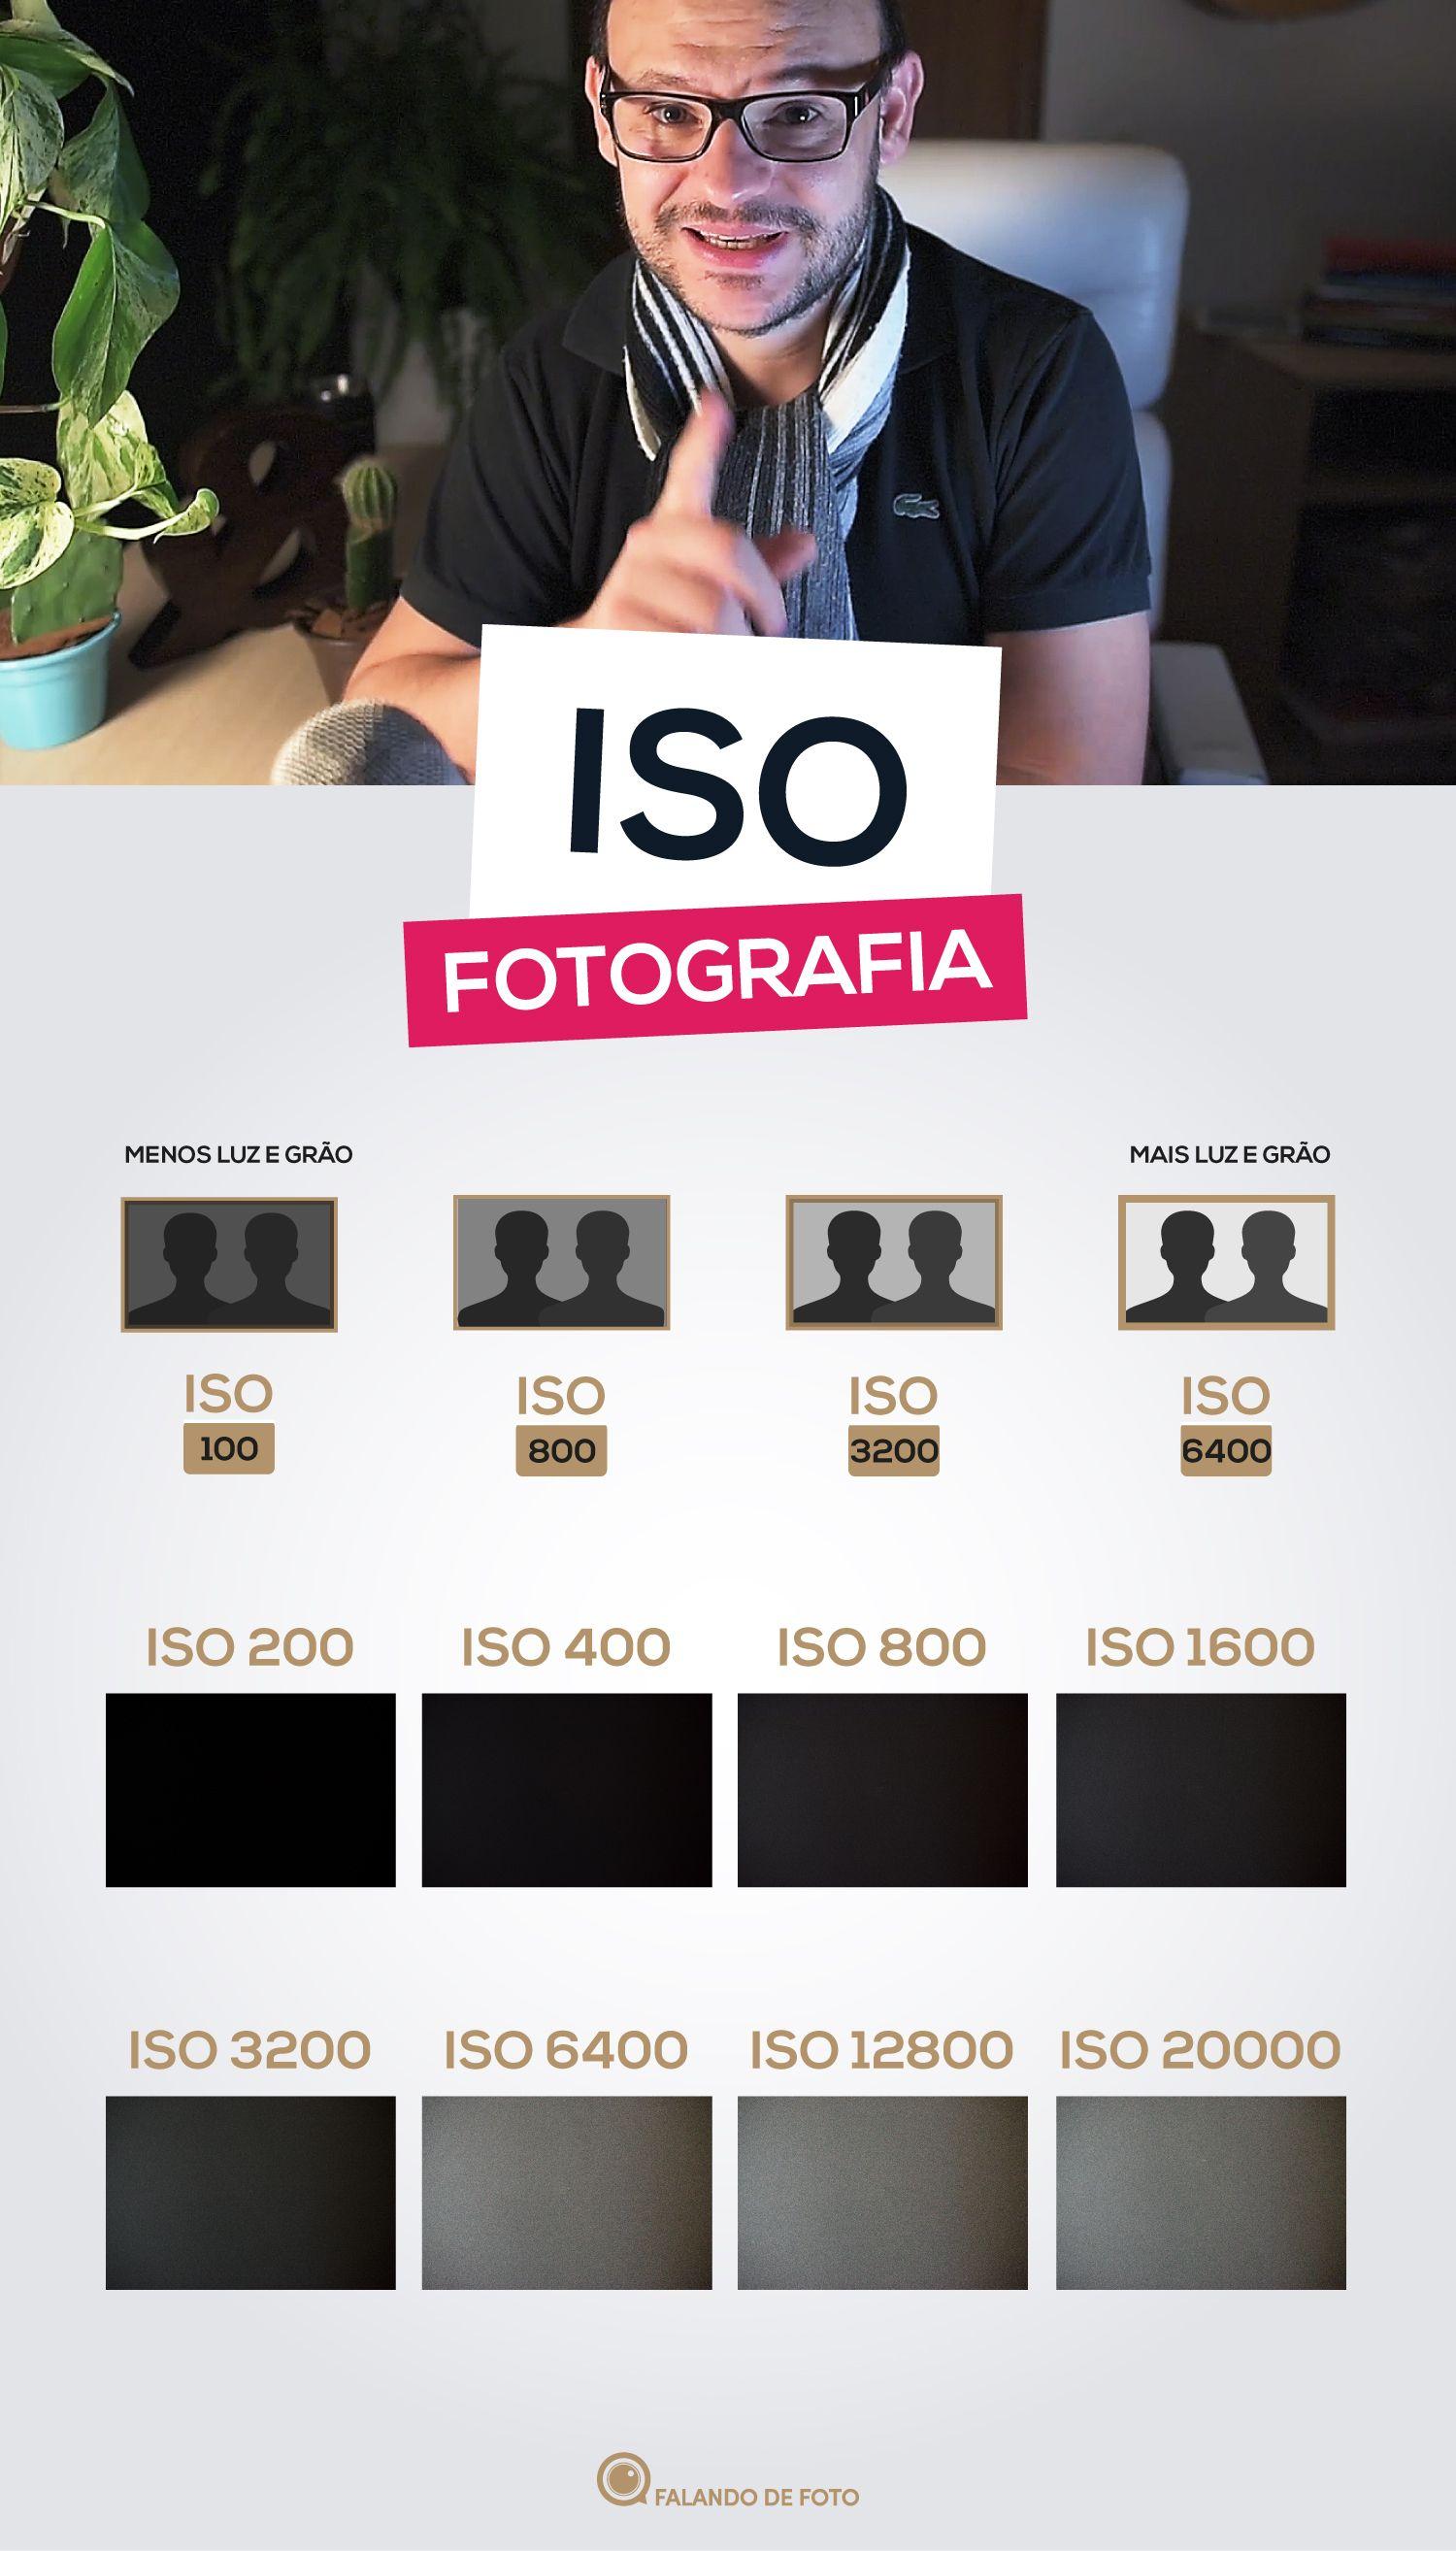 Vamos aprender sobre ISO na Fotografia